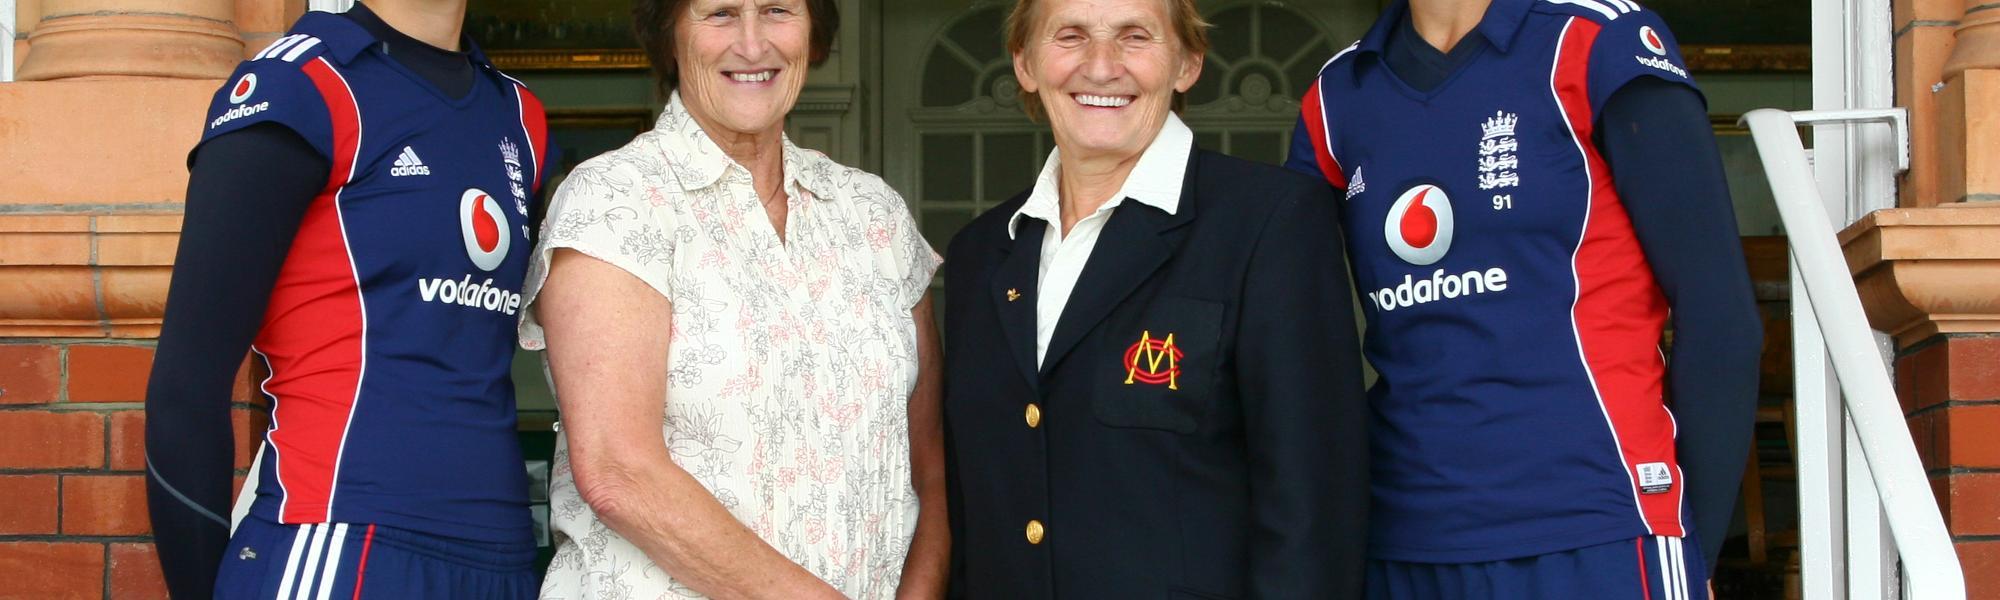 Sarah Taylor and Lynne Thomas